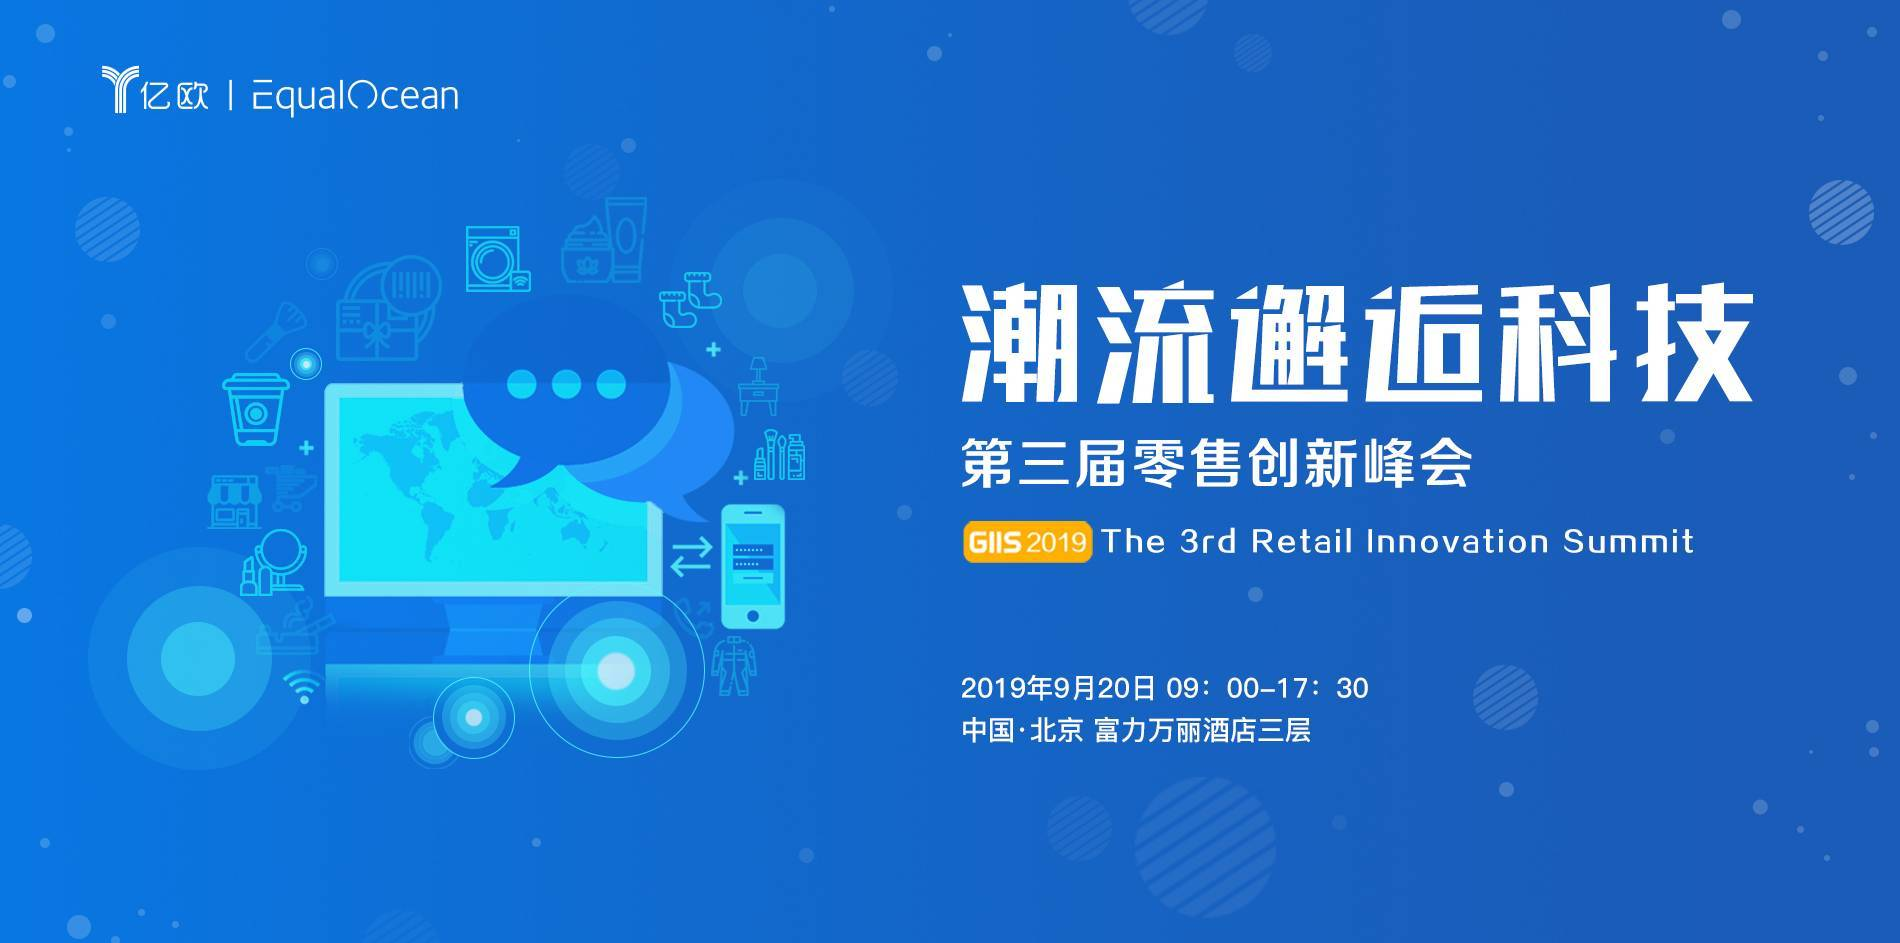 潮流邂逅科技·GIIS2019 第三届零售立异峰会(北京)